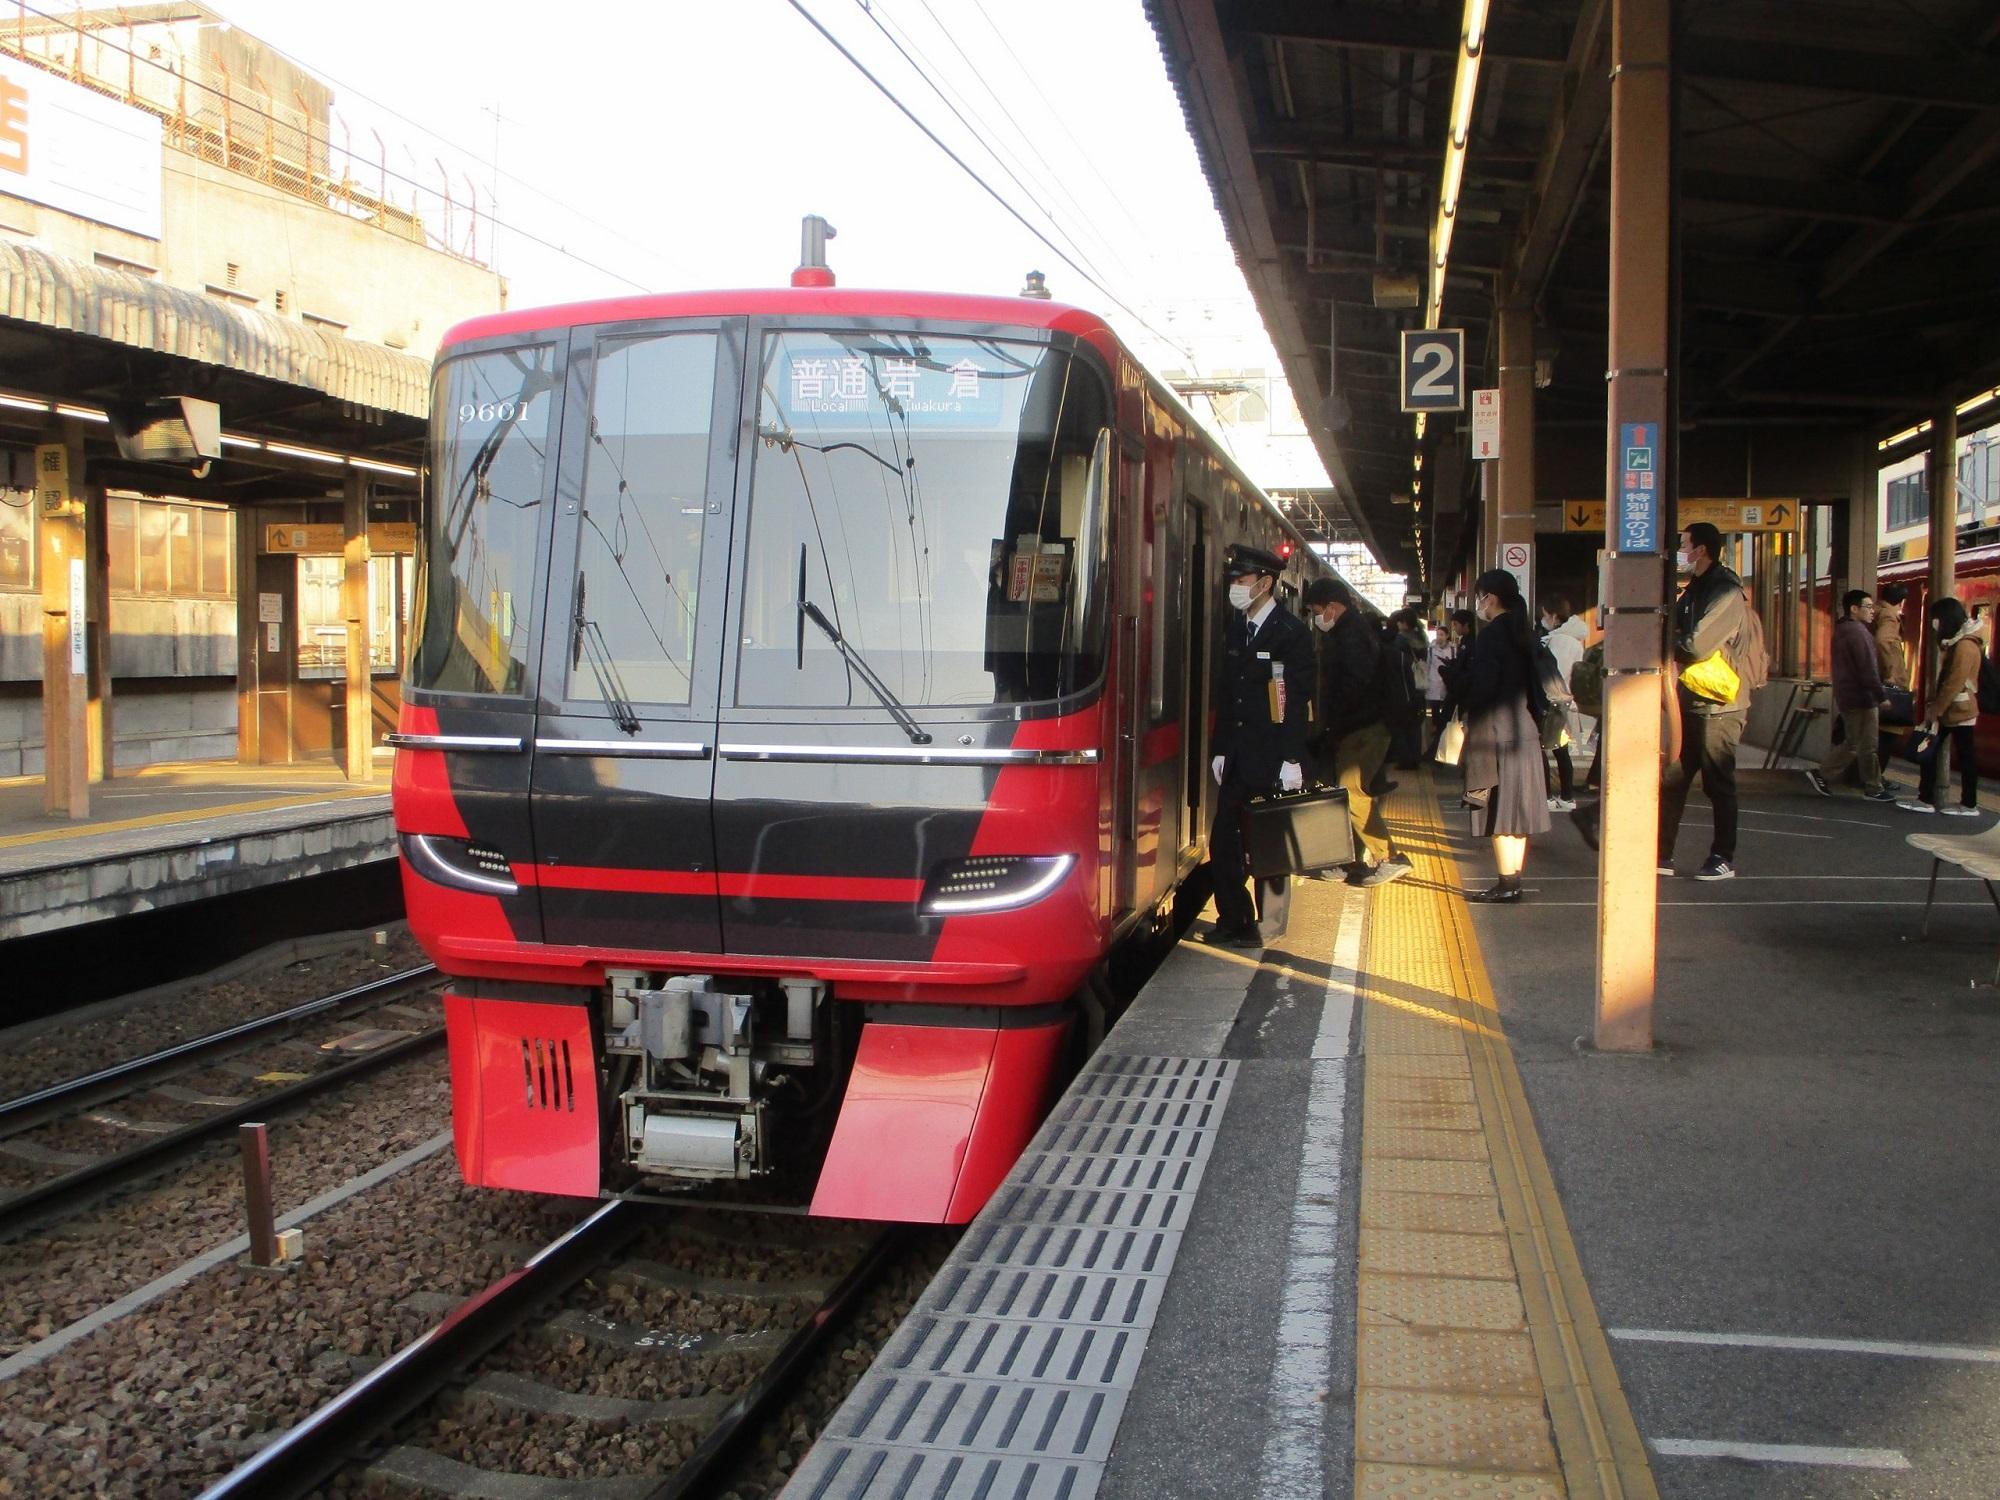 2020.3.17 (31) 東岡崎 - 岩倉いきふつう 2000-1500